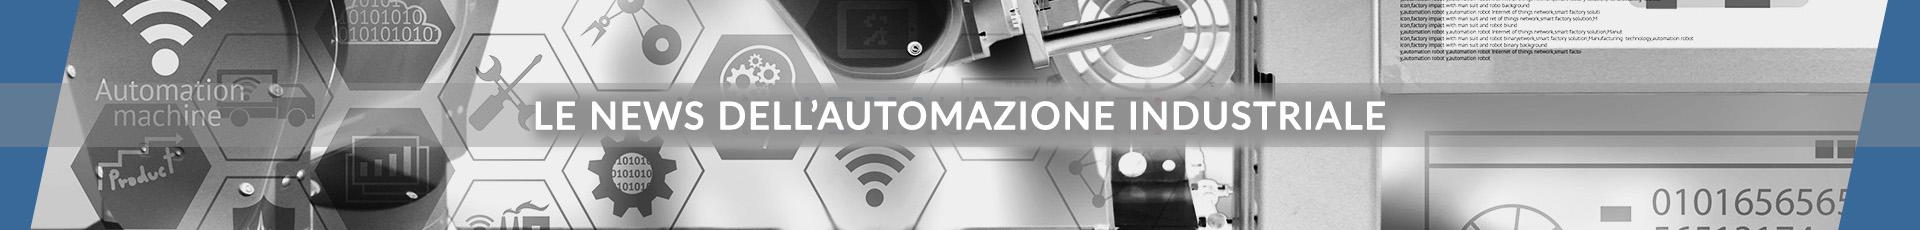 Blog Technology BSA